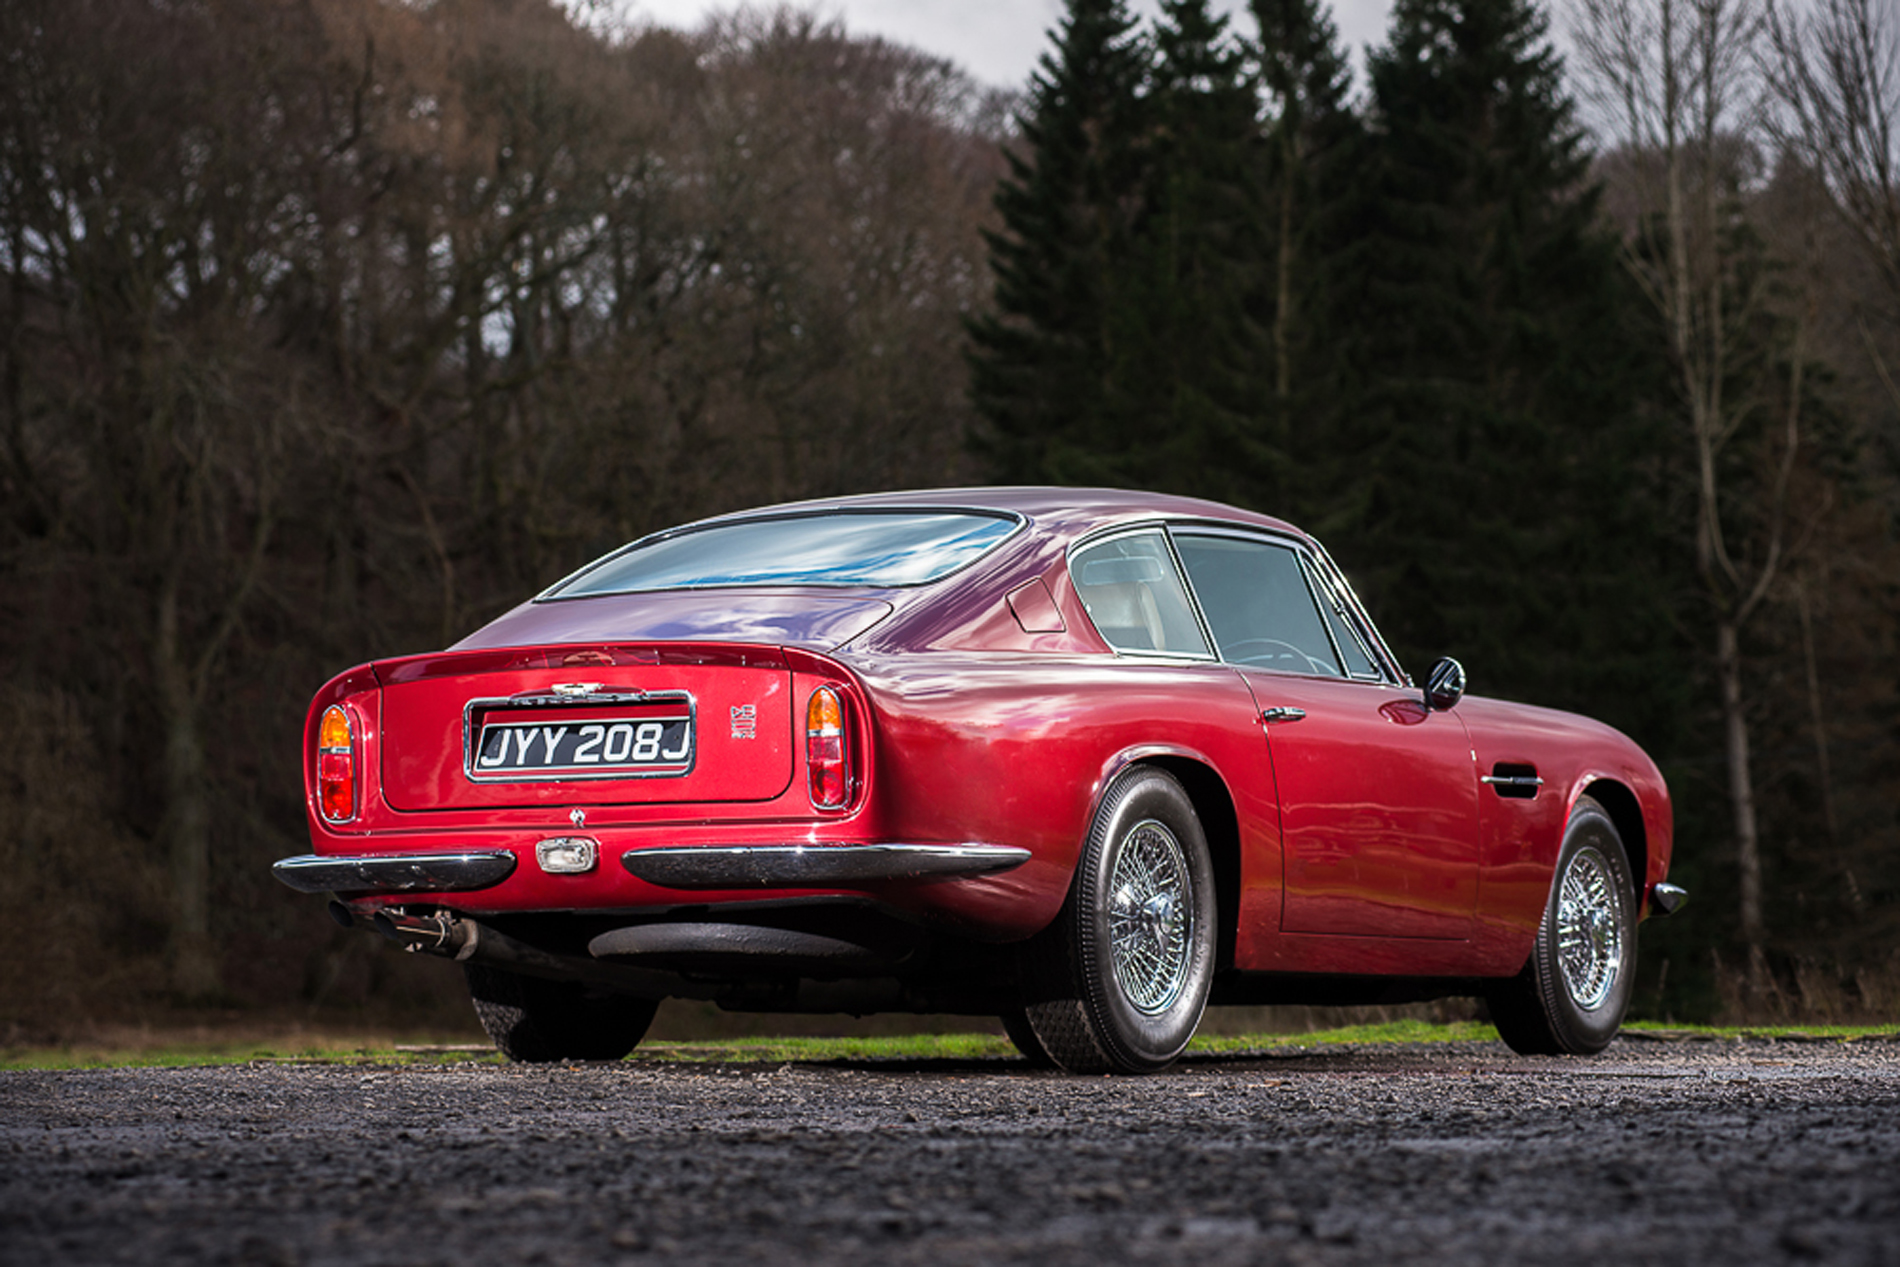 Aston Martin Db6 Mkii Vantage